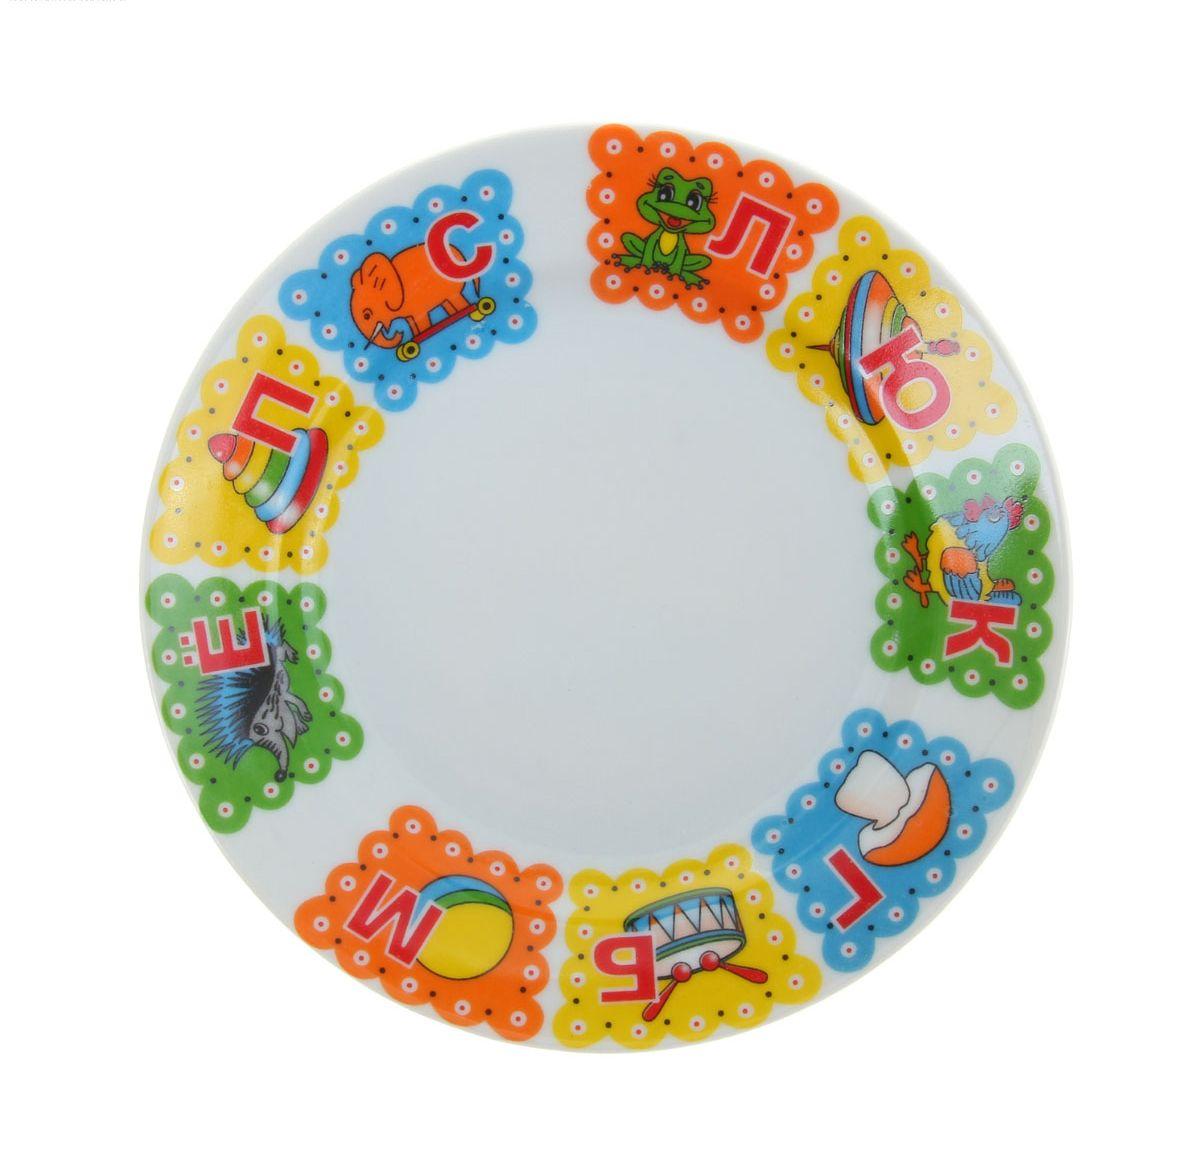 Тарелка мелкая Добрушский фарфоровый завод Идиллия. Азбука, диаметр 17 см1035478Мелкая тарелка Идиллия. Азбука выполнена из высококачественного фарфора и украшена ярким рисунком. Она прекрасно впишется в интерьер вашей кухни и станет достойным дополнением к кухонному инвентарю. Тарелка Голубка. Глория подчеркнет прекрасный вкус хозяйки и станет отличным подарком.